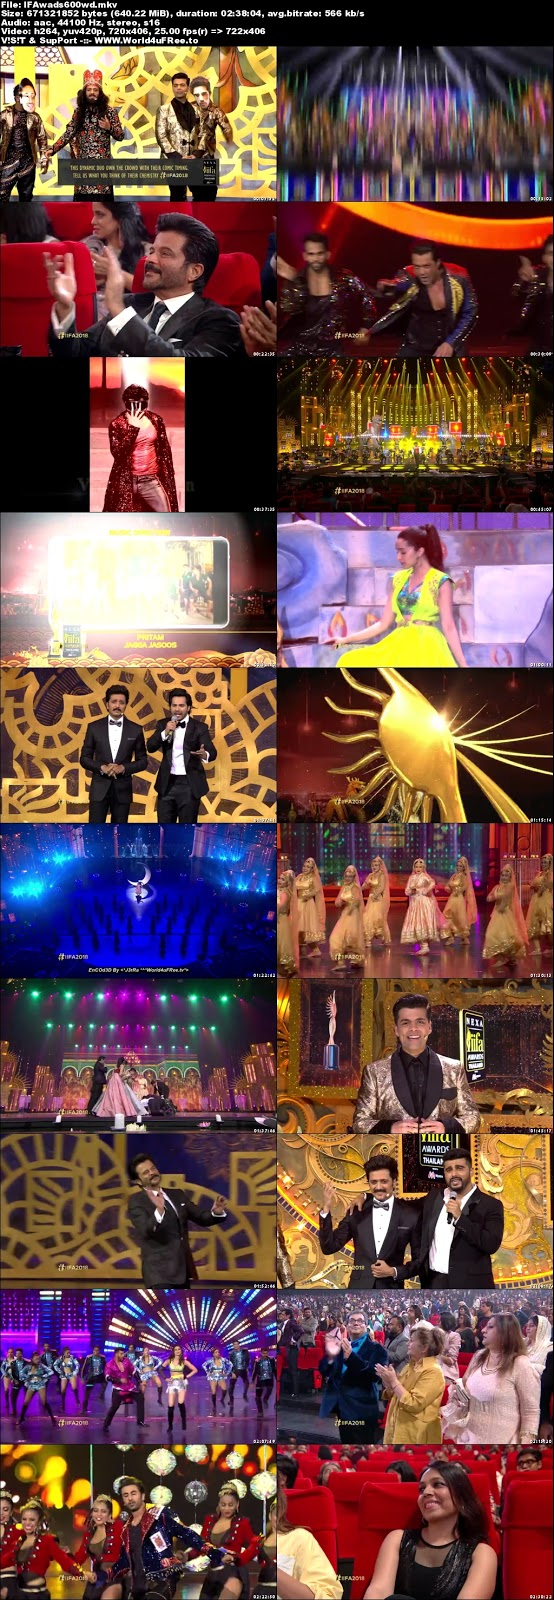 IIFA Awards 2018 Hindi Main Event WEBHD 480p 600Mb x264